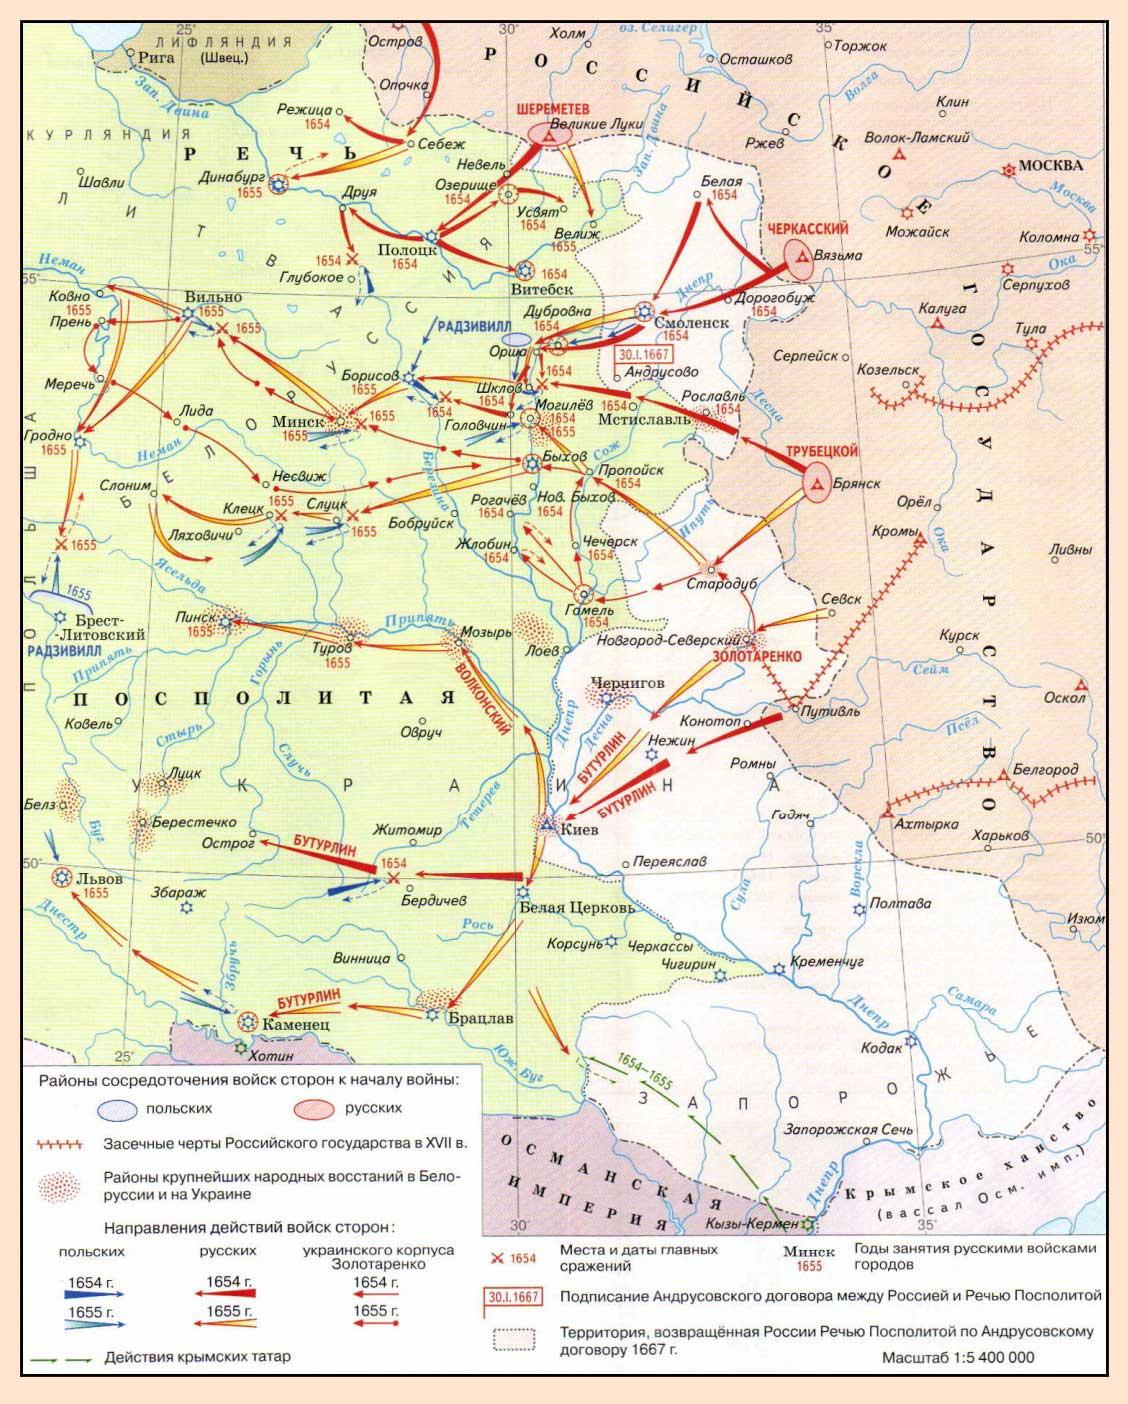 Карта русско-польской войны 1654-1667